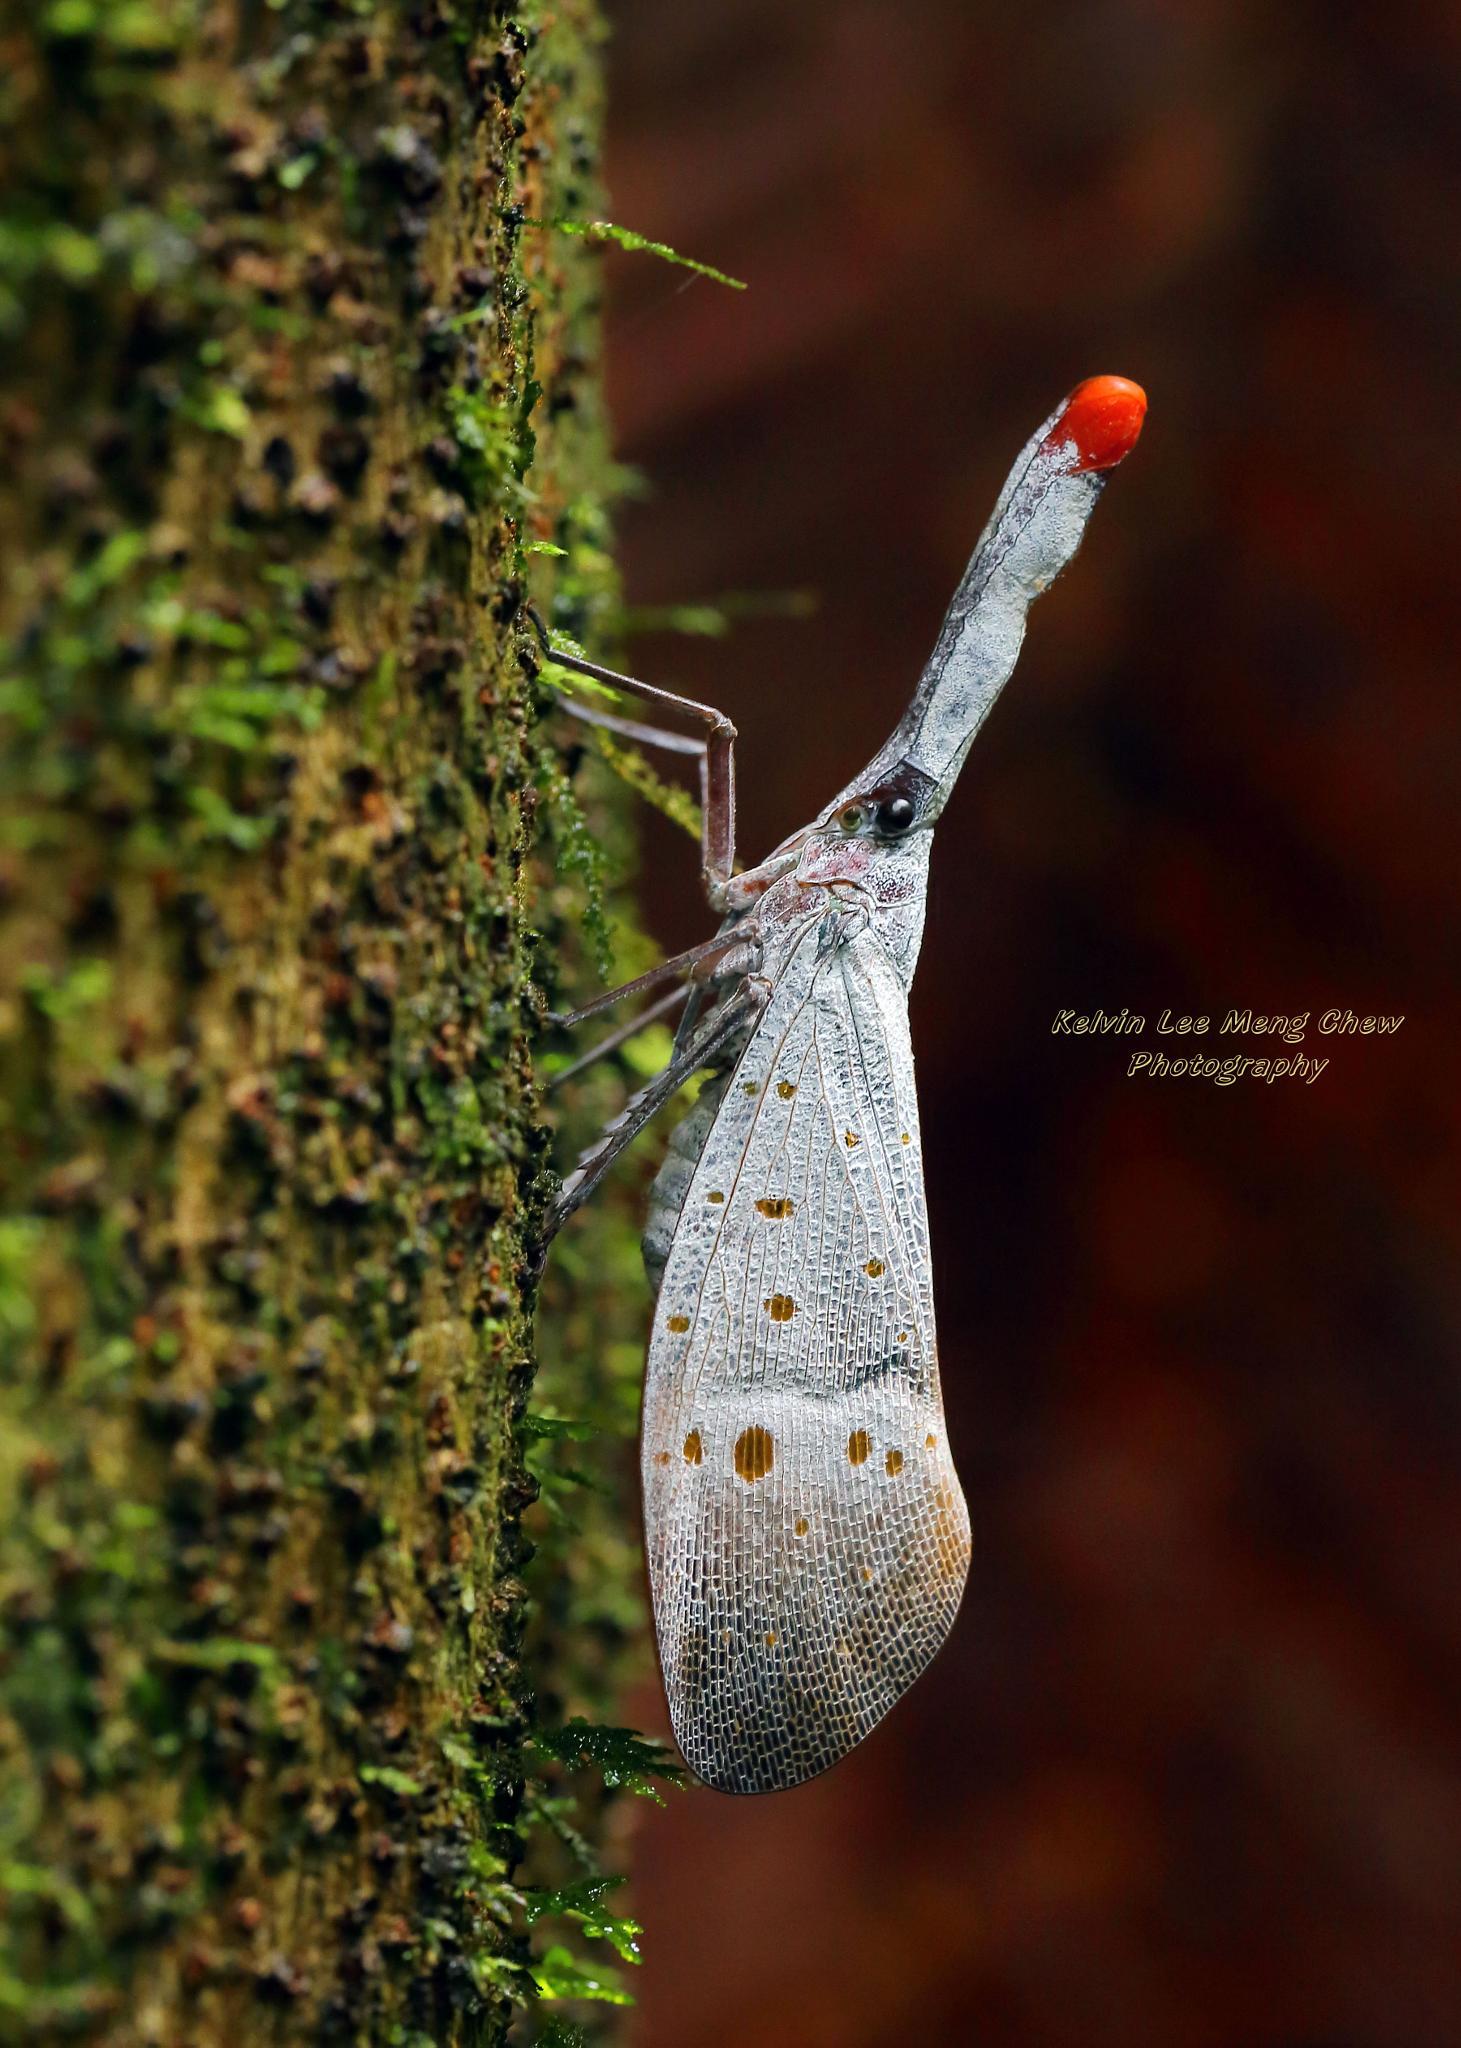 Lantern Bug by Kelvin Lee